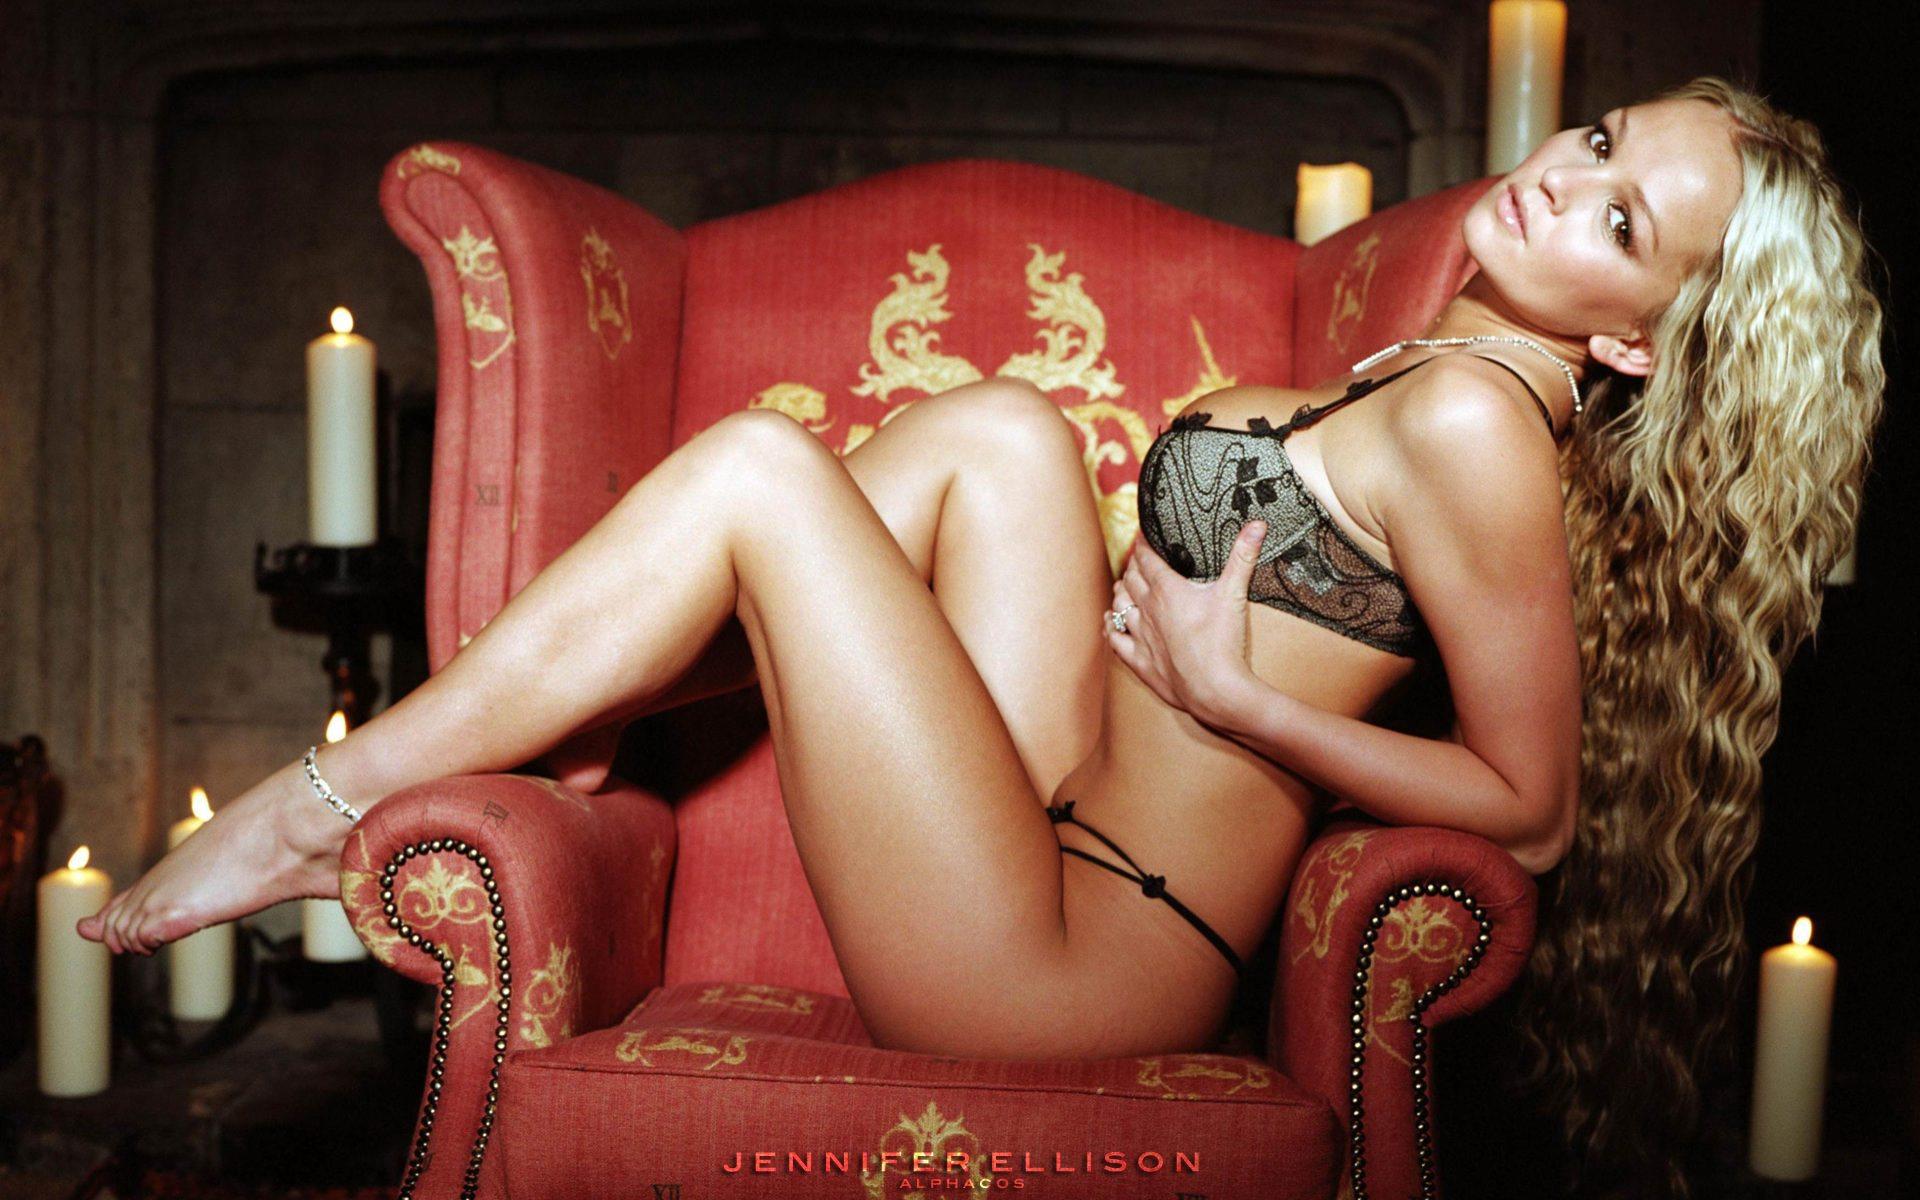 http://images.fanpop.com/images/image_uploads/Jennifer-Ellison-jennifer-ellison-226542_1920_1200.jpg